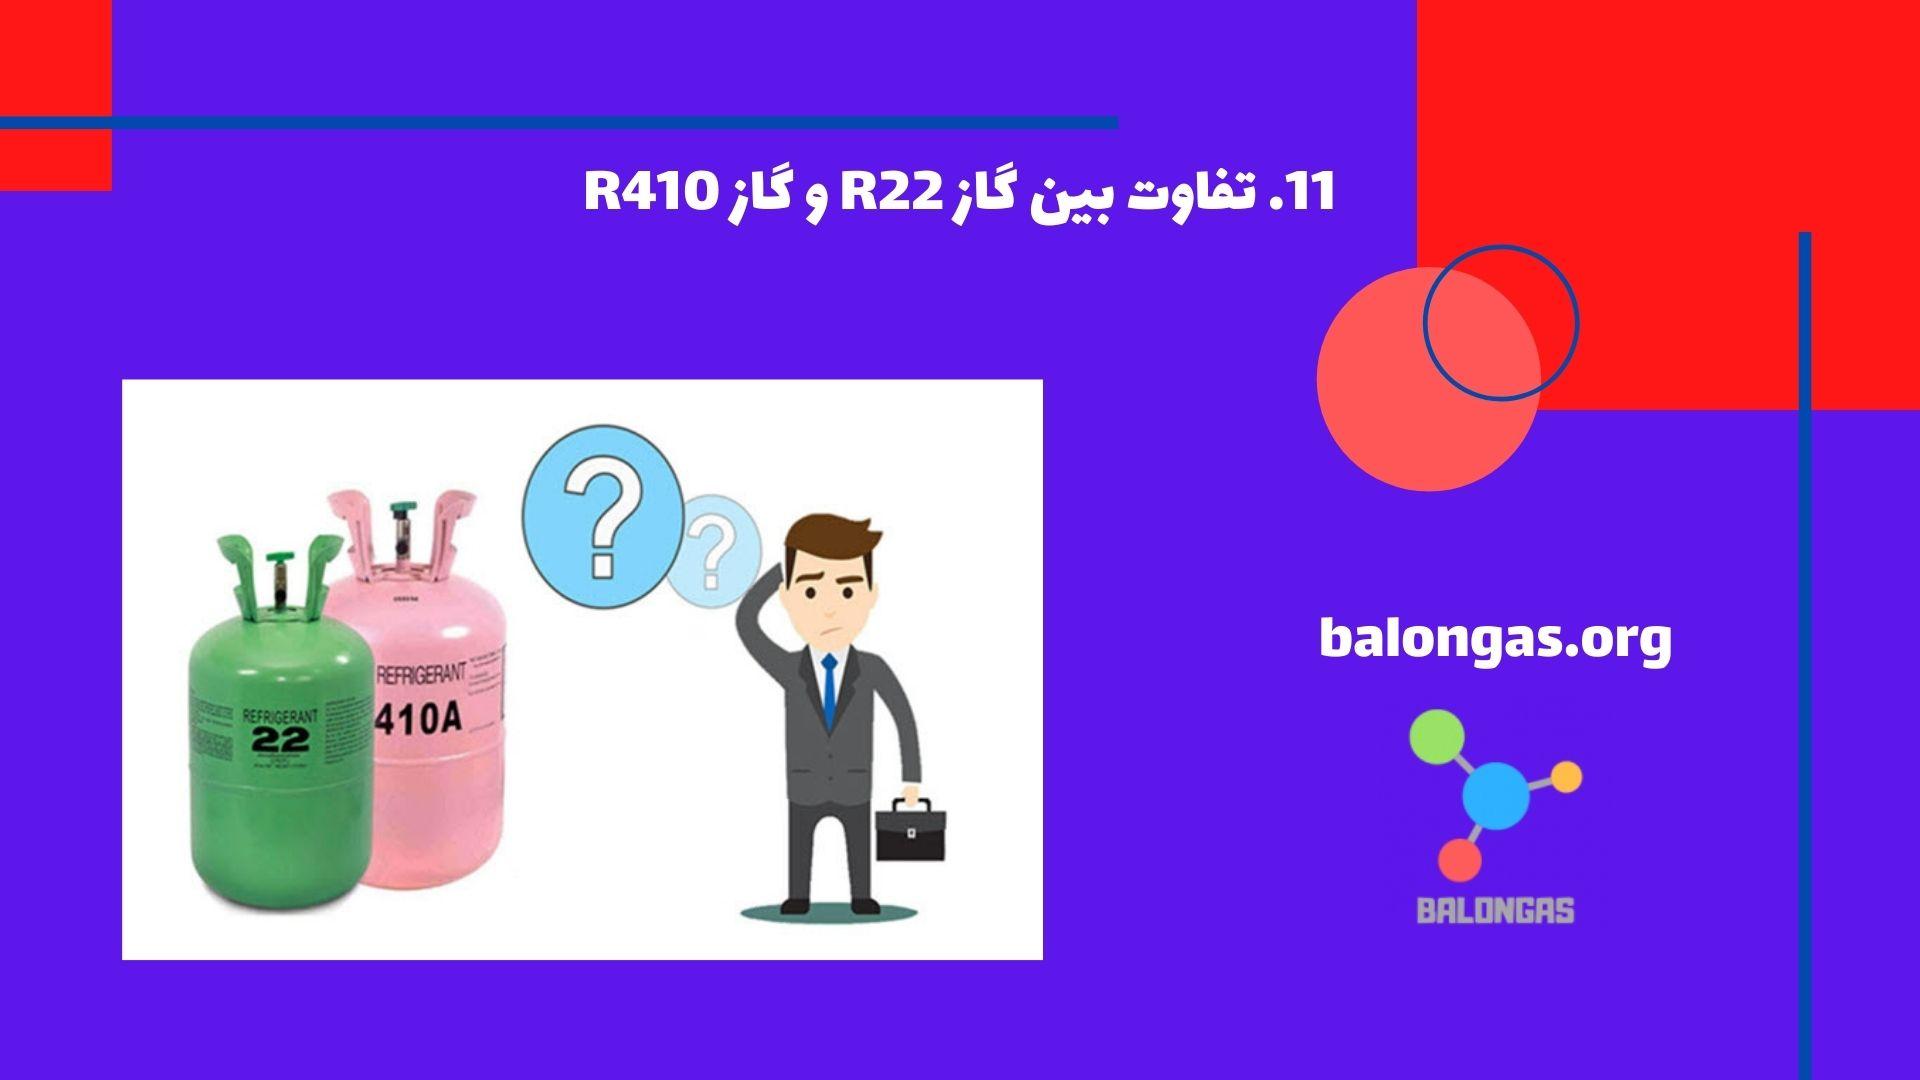 تفاوت بین گاز R22 و گاز R410